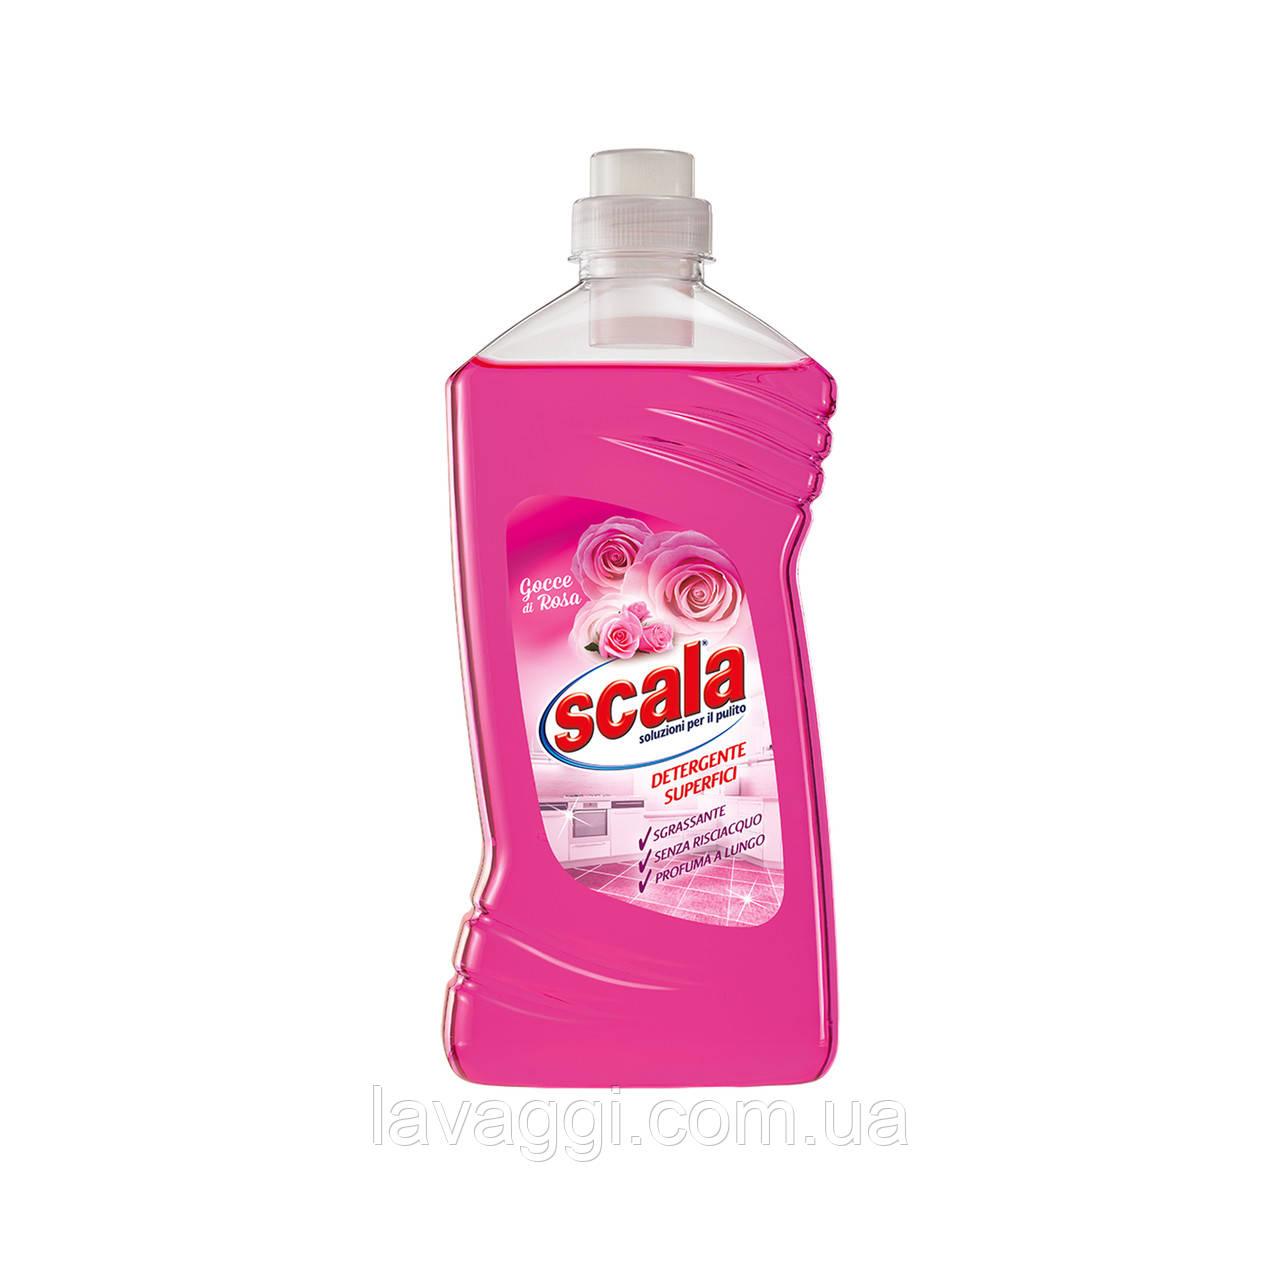 Средство для мытья полов и других поверхностей Scala Detergente Superfici Gocce di Rossa 1L